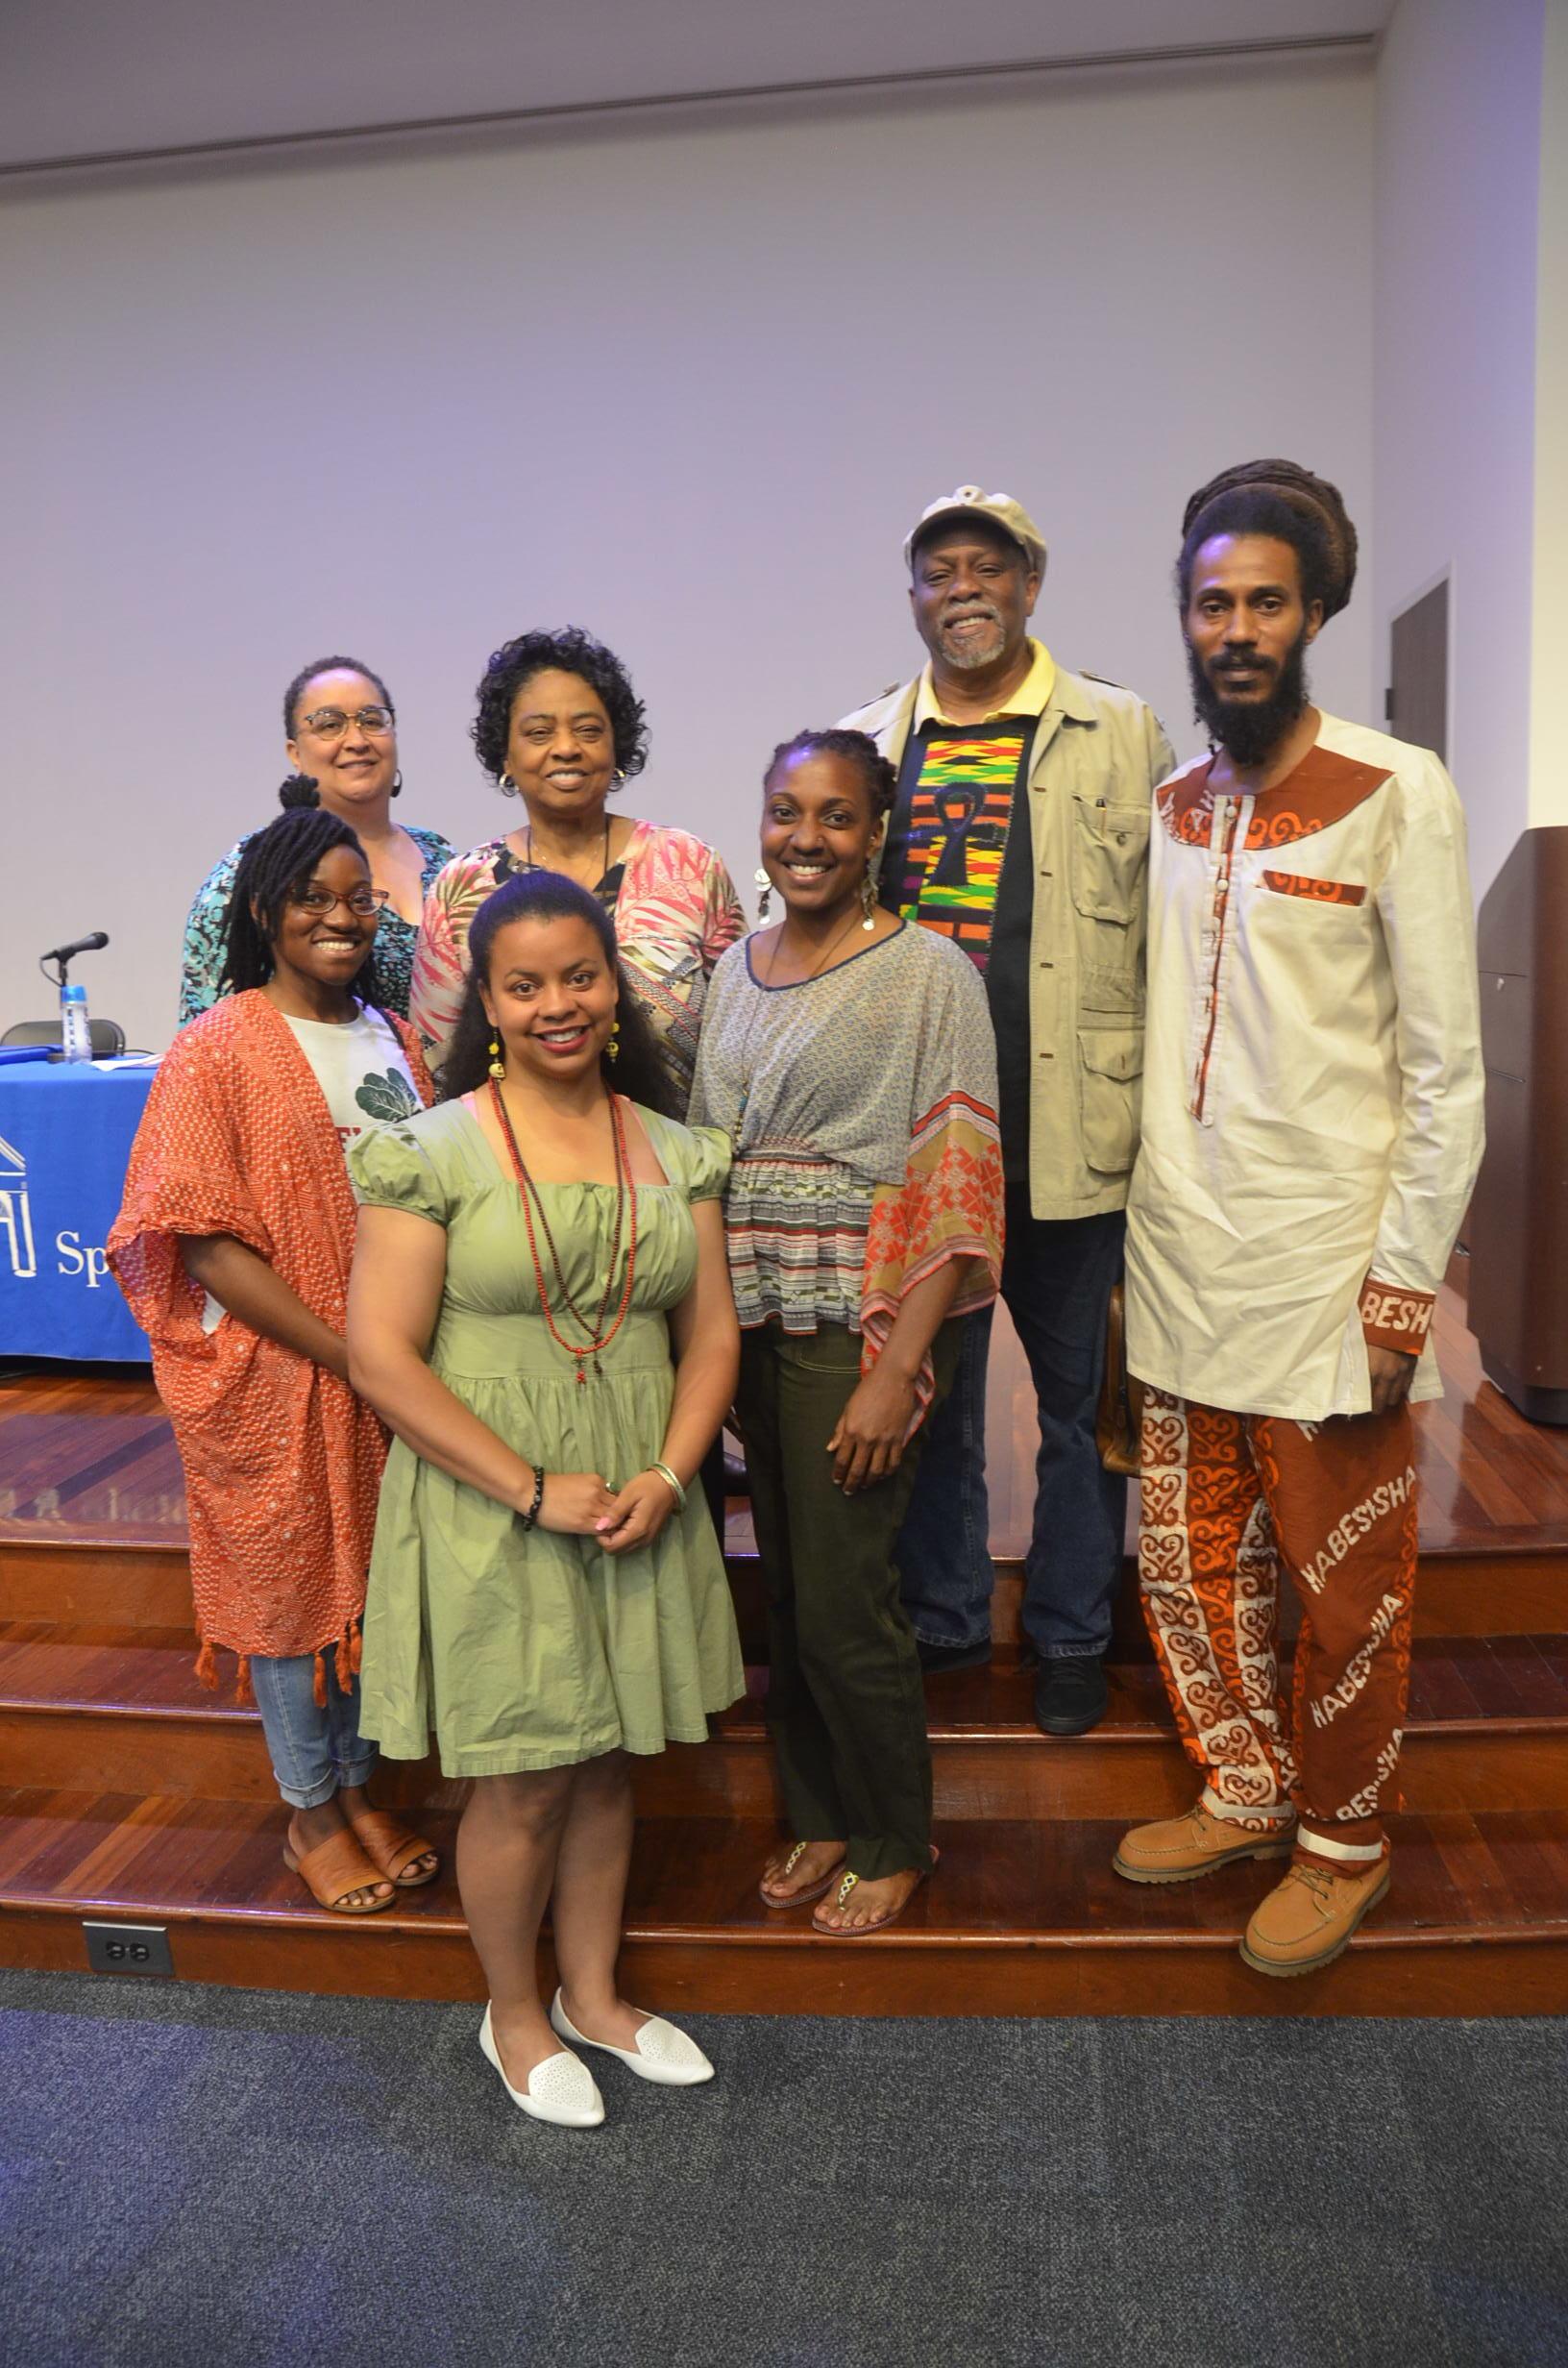 Whitney with Keisha, Mama Shirley, Rashid, Cashawn, and Jilo.